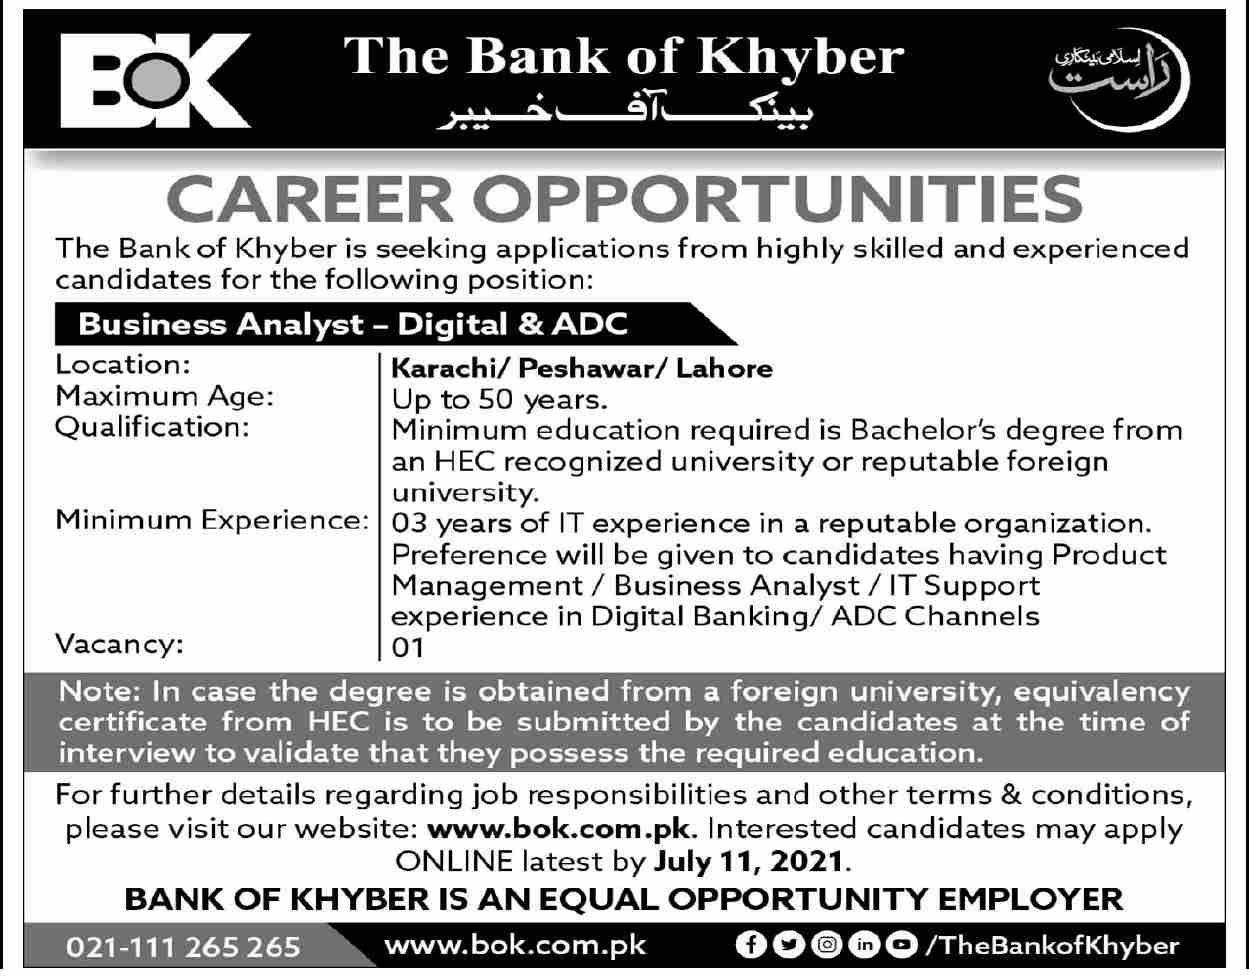 www.bok.com.pk Jobs 2021 - Bank of Khyber (BOK) Jobs 2021 in Pakistan